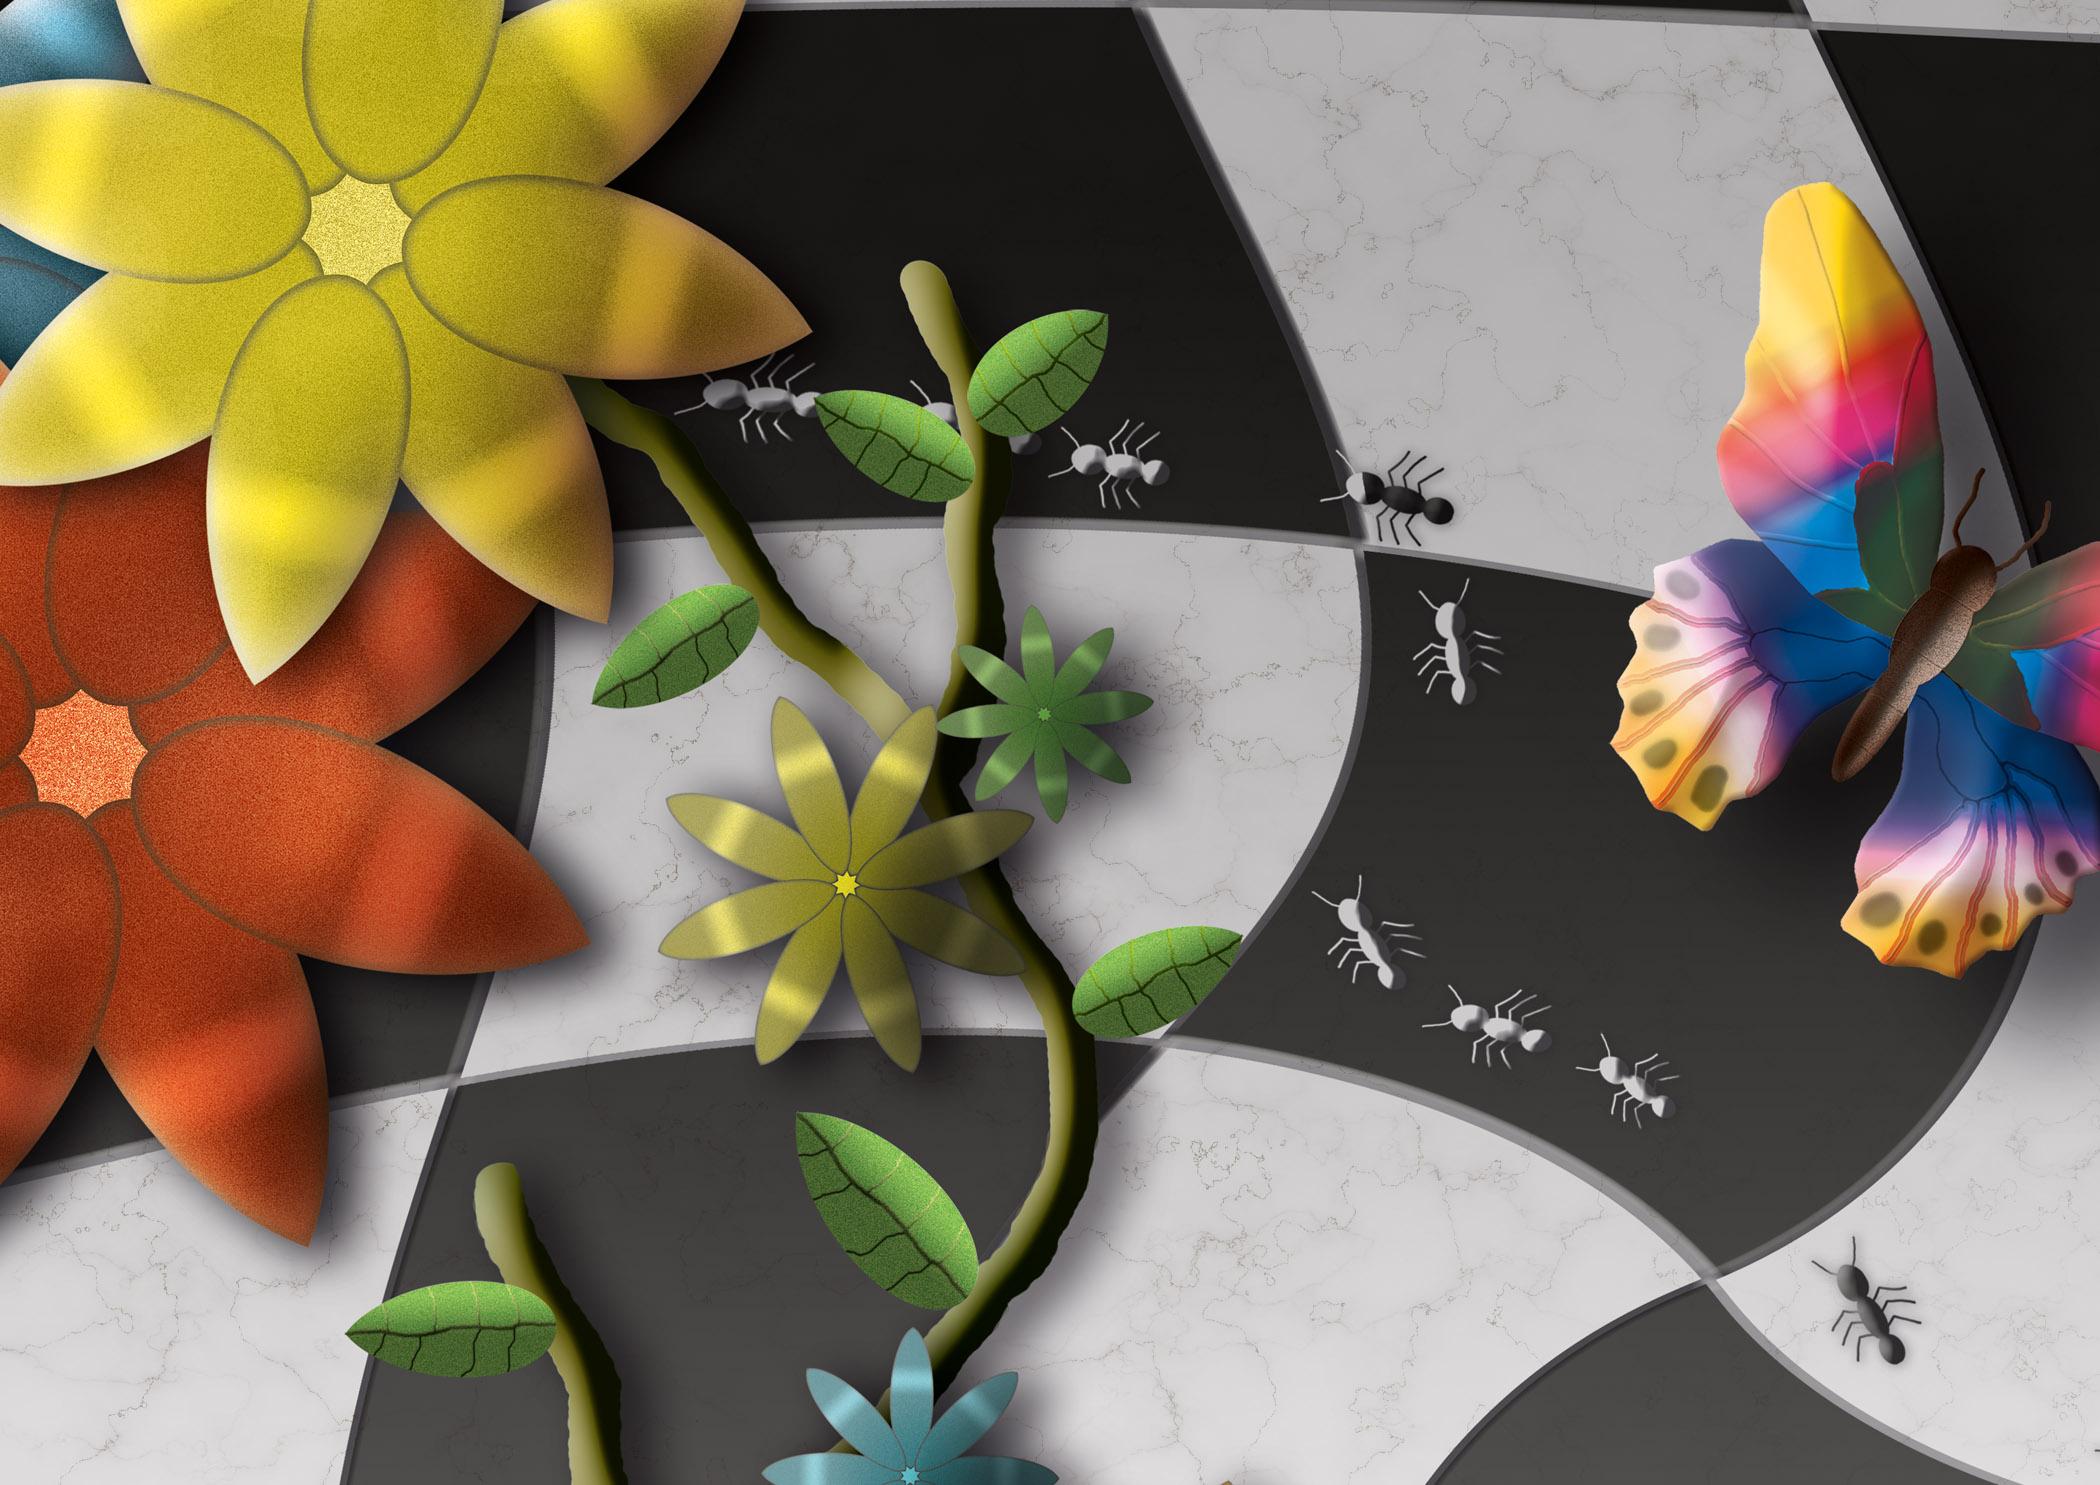 Uitgesproken kleur op zwart-wit tegels